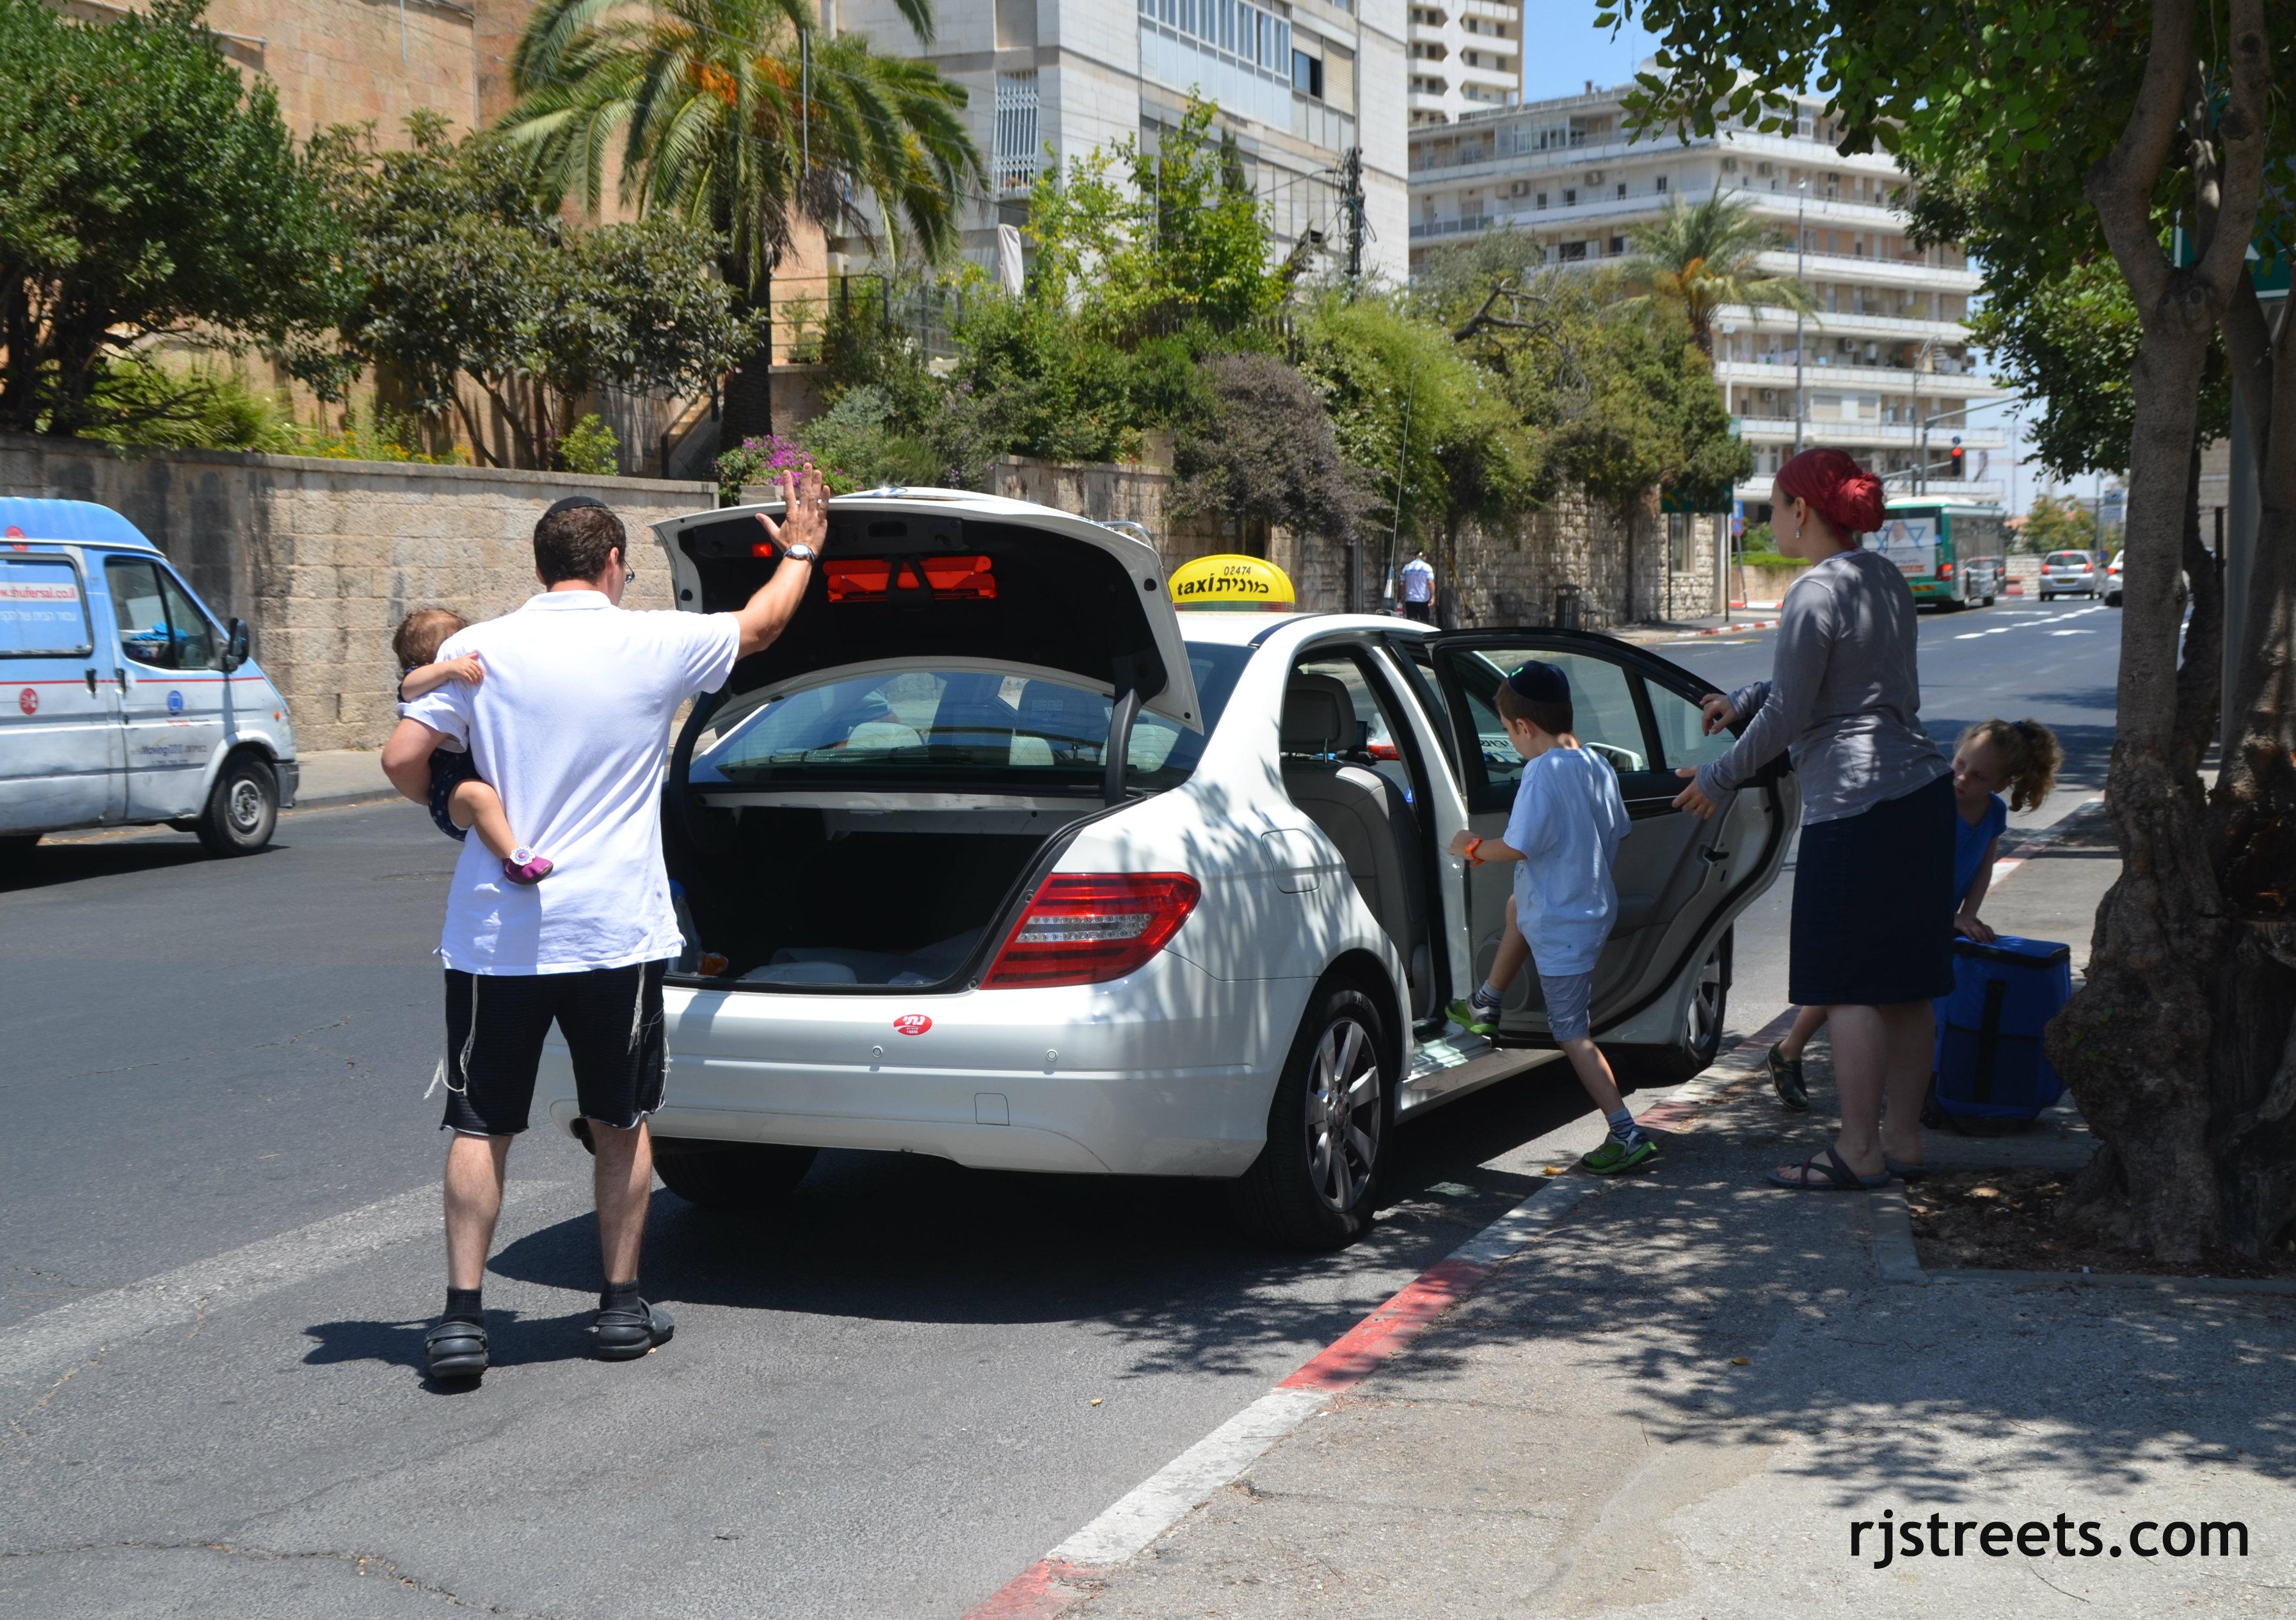 image Jerusalem, Israel taxi